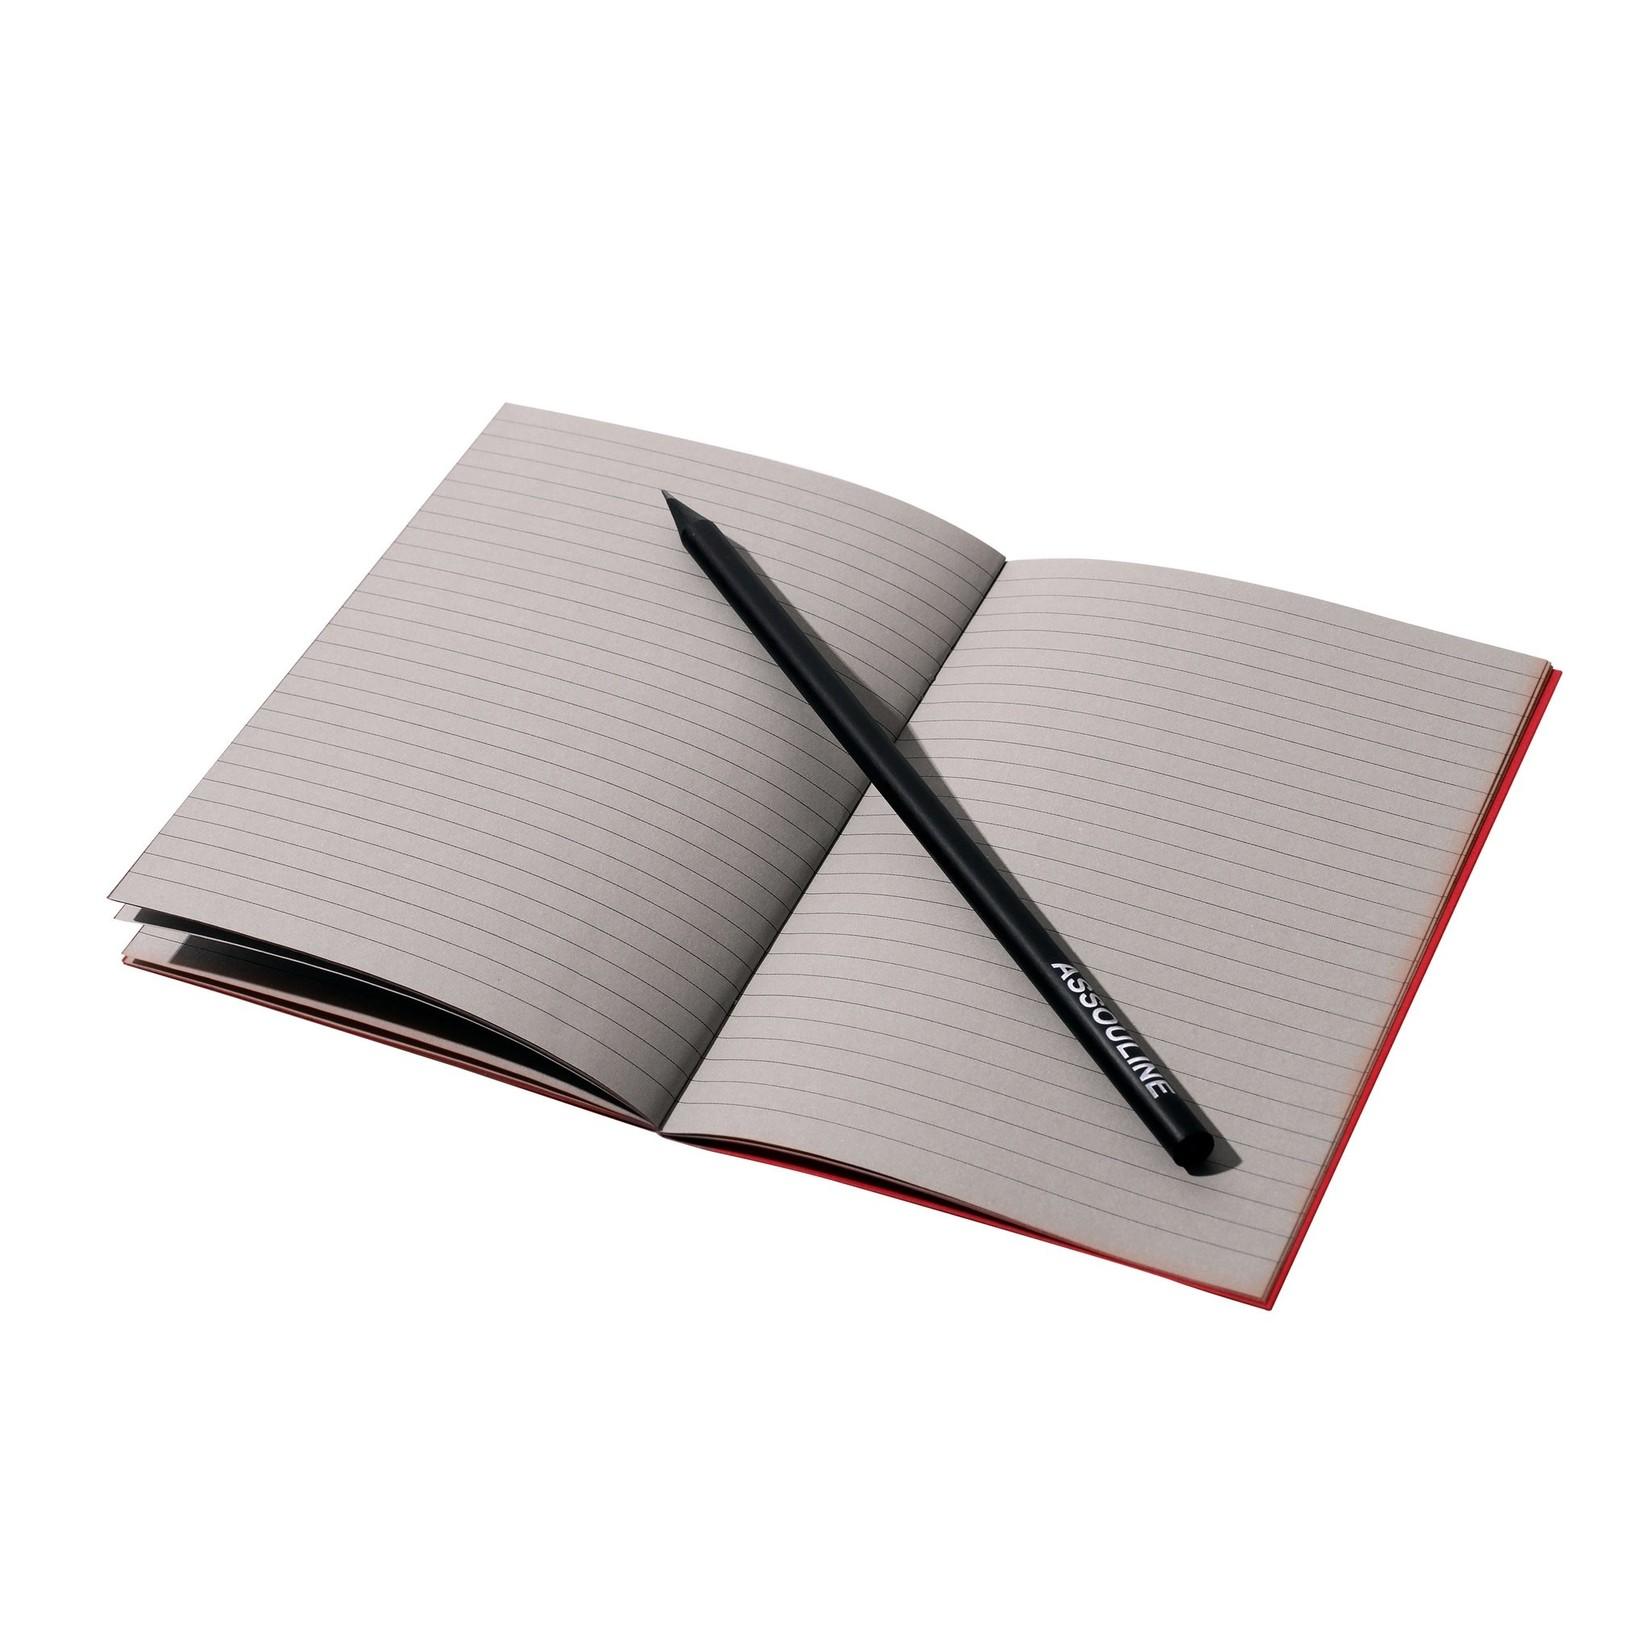 Assouline Carnet de Voyages Mini Notebooks